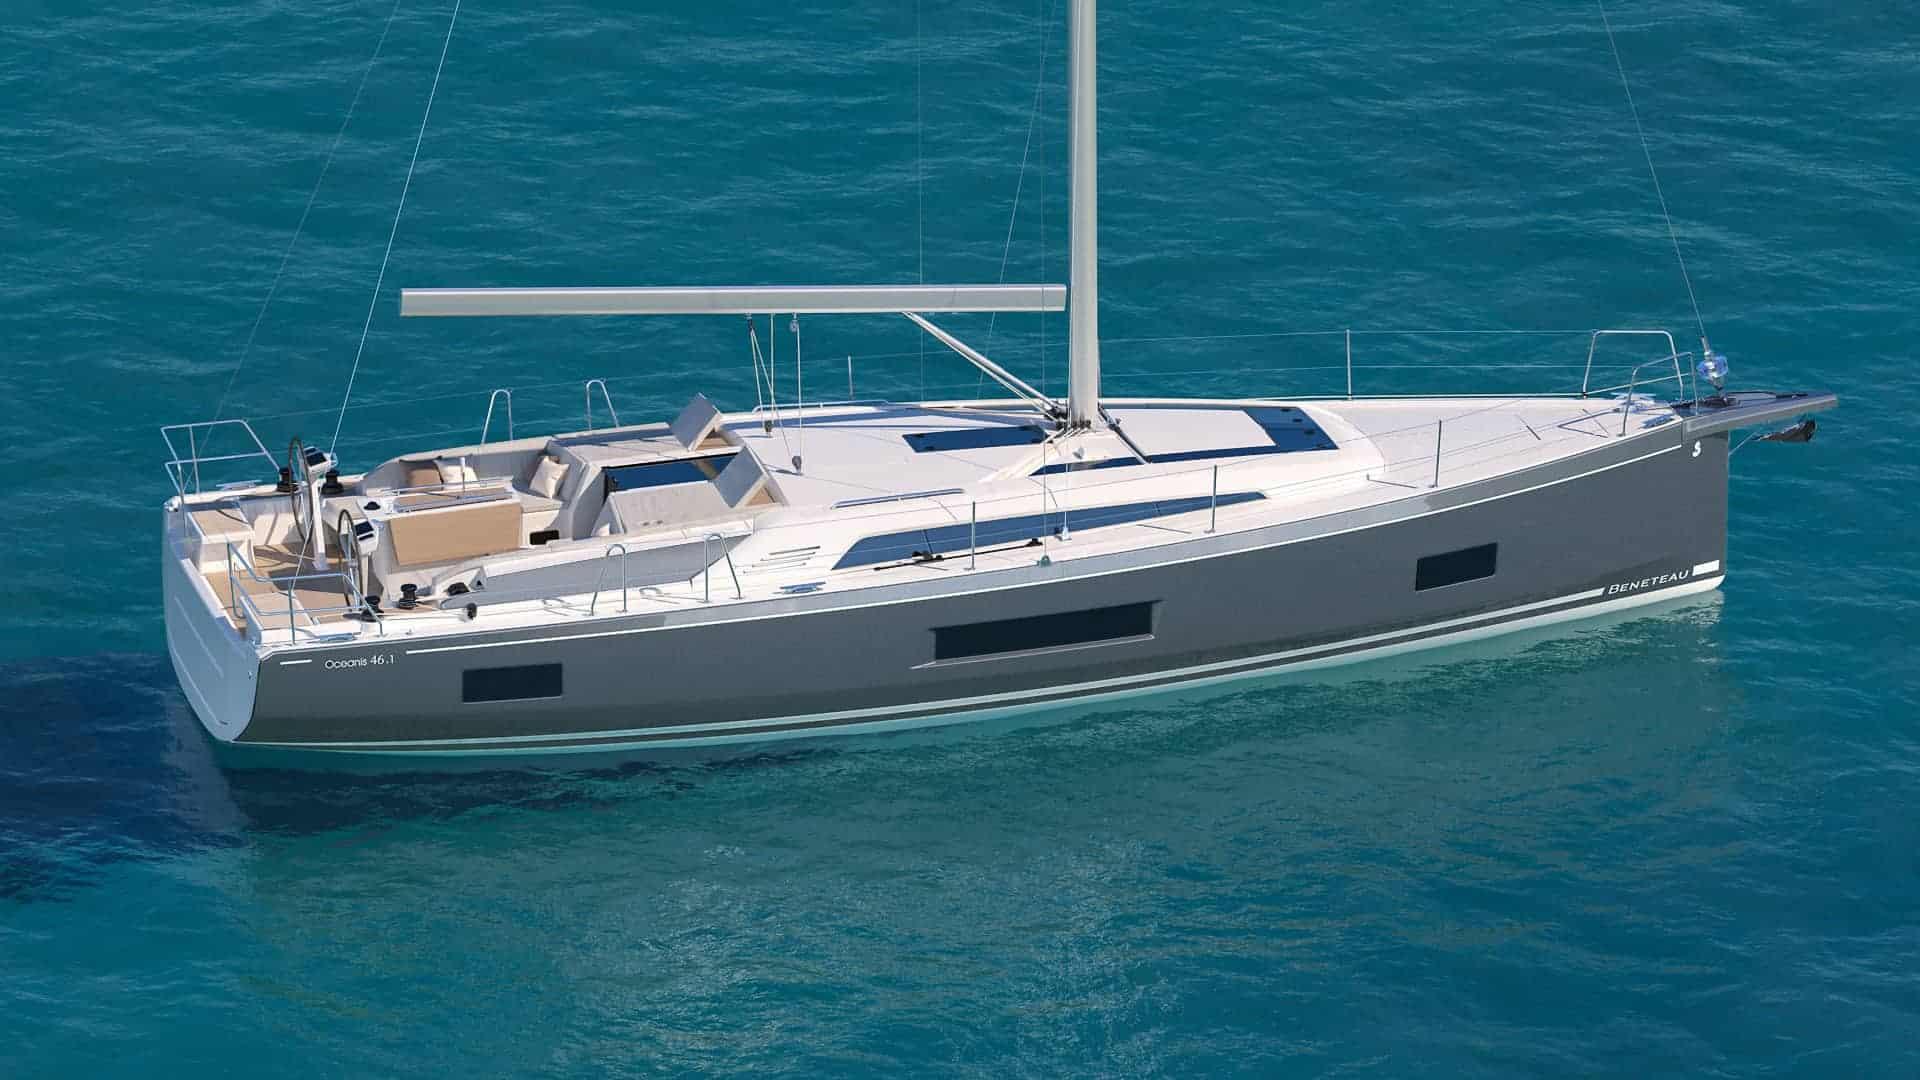 The beautiful Beneteau Oceanis 46.1 just floating in nice blue water